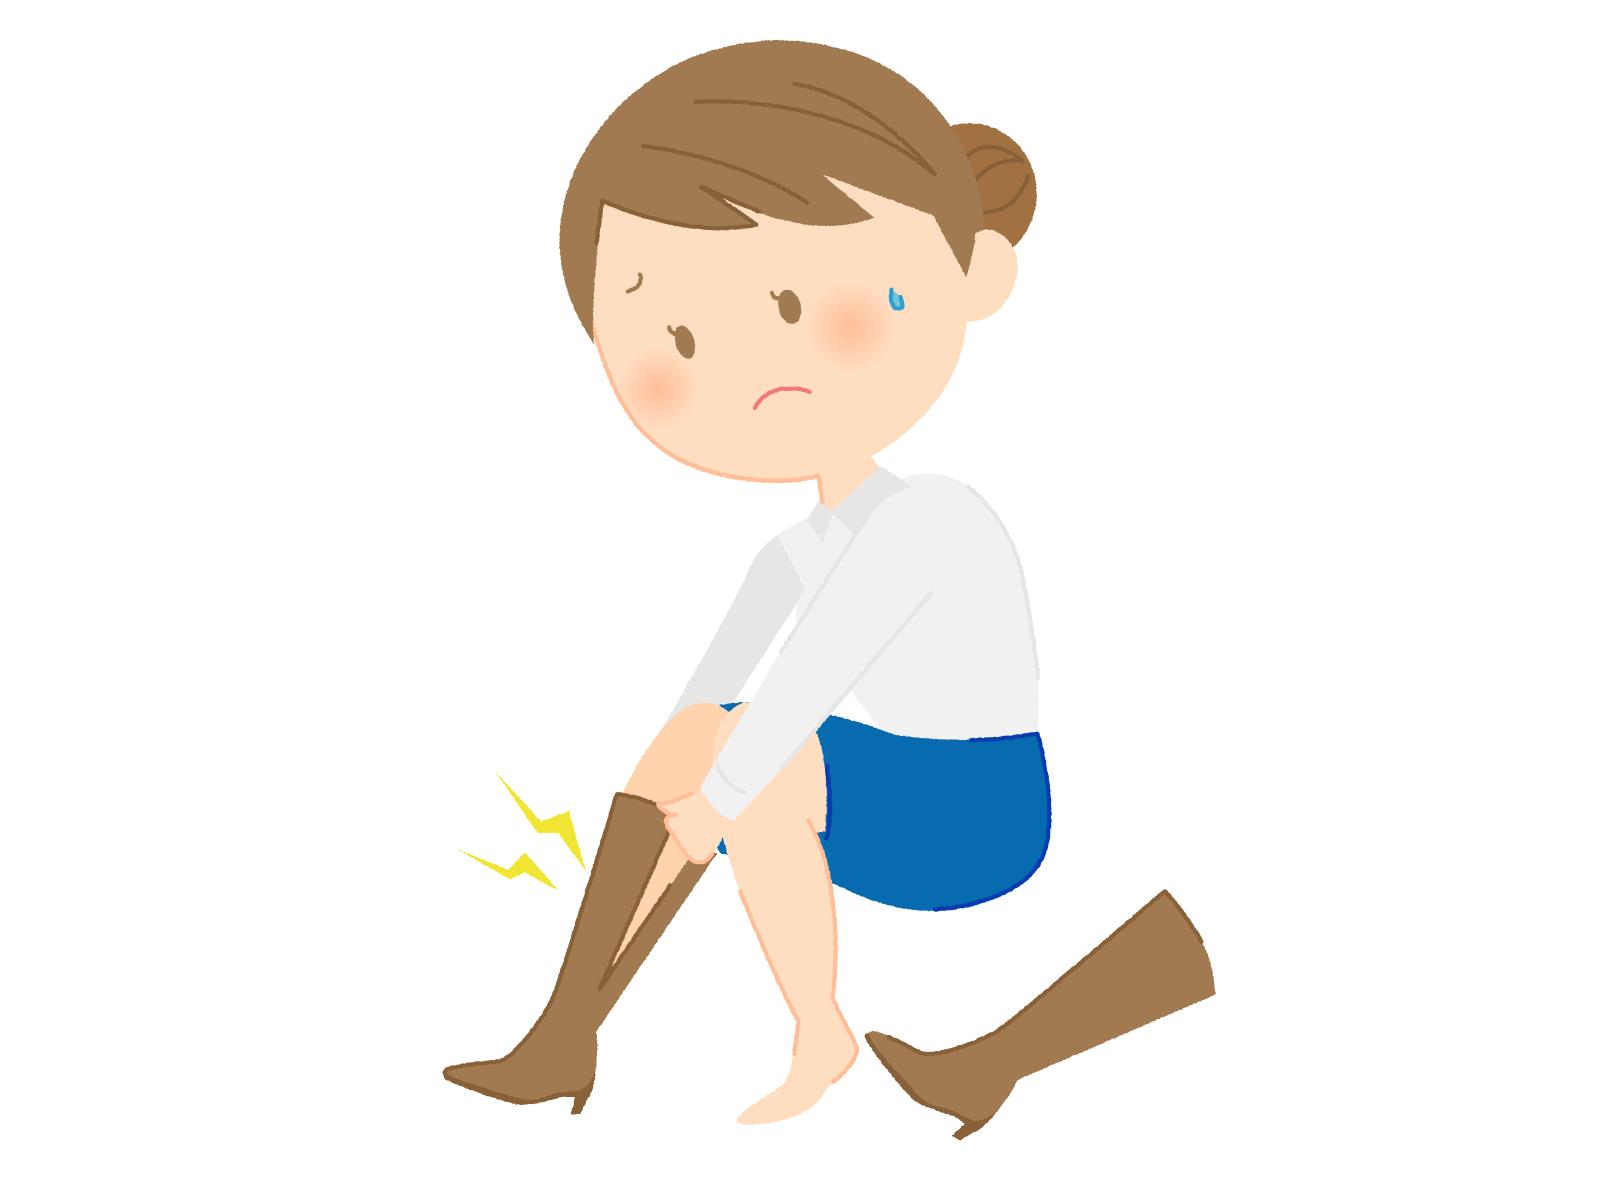 足のむくみ,足のむくみ 原因,足のむくみ 解消,足のむくみ 解消 方法